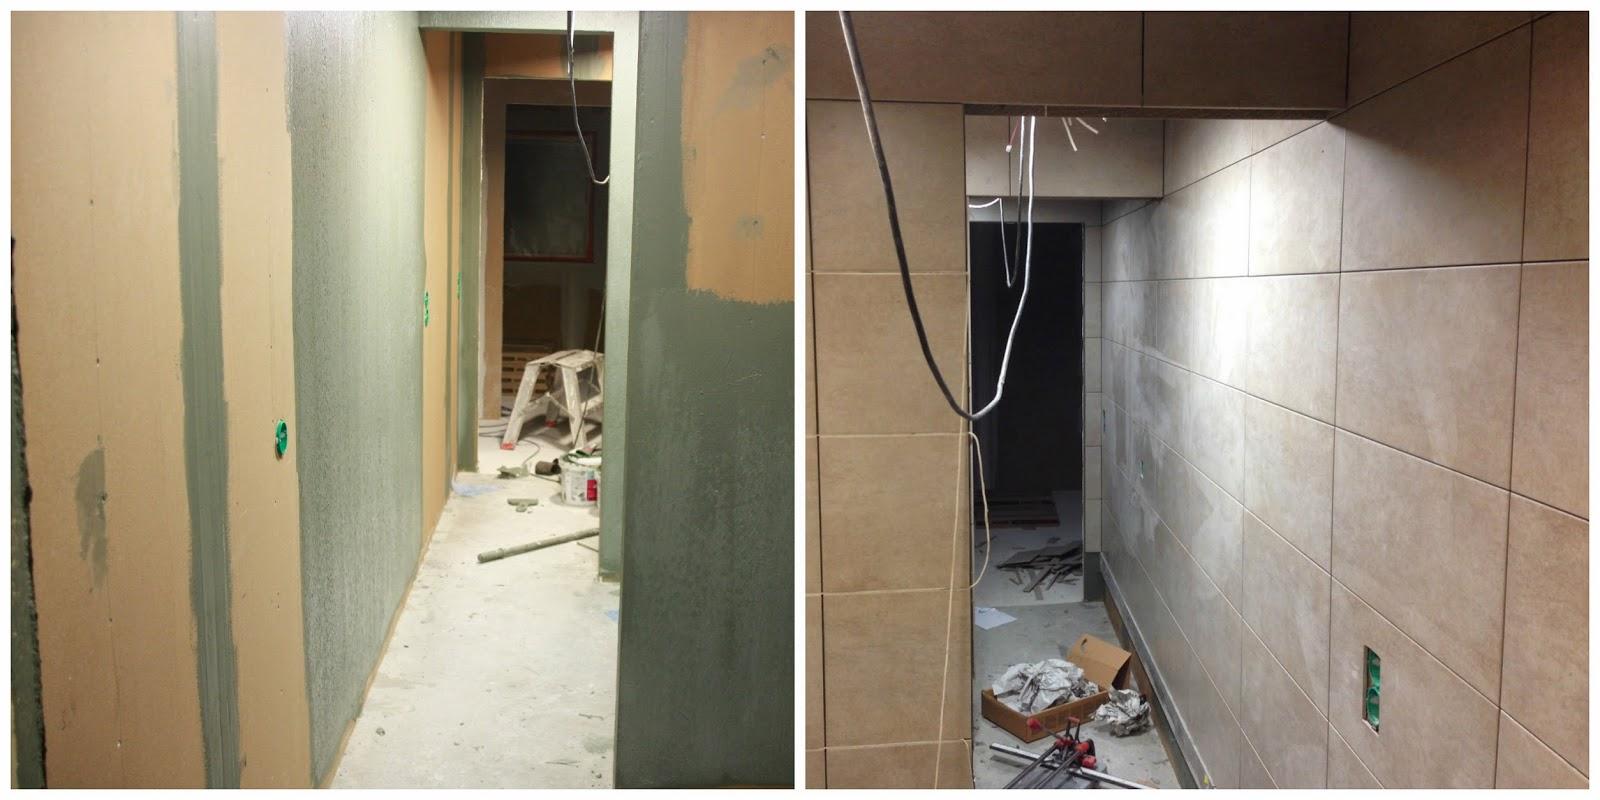 Yläkerran wc-suihku-wc-tila vedeneristettynä ja laatoitettuna